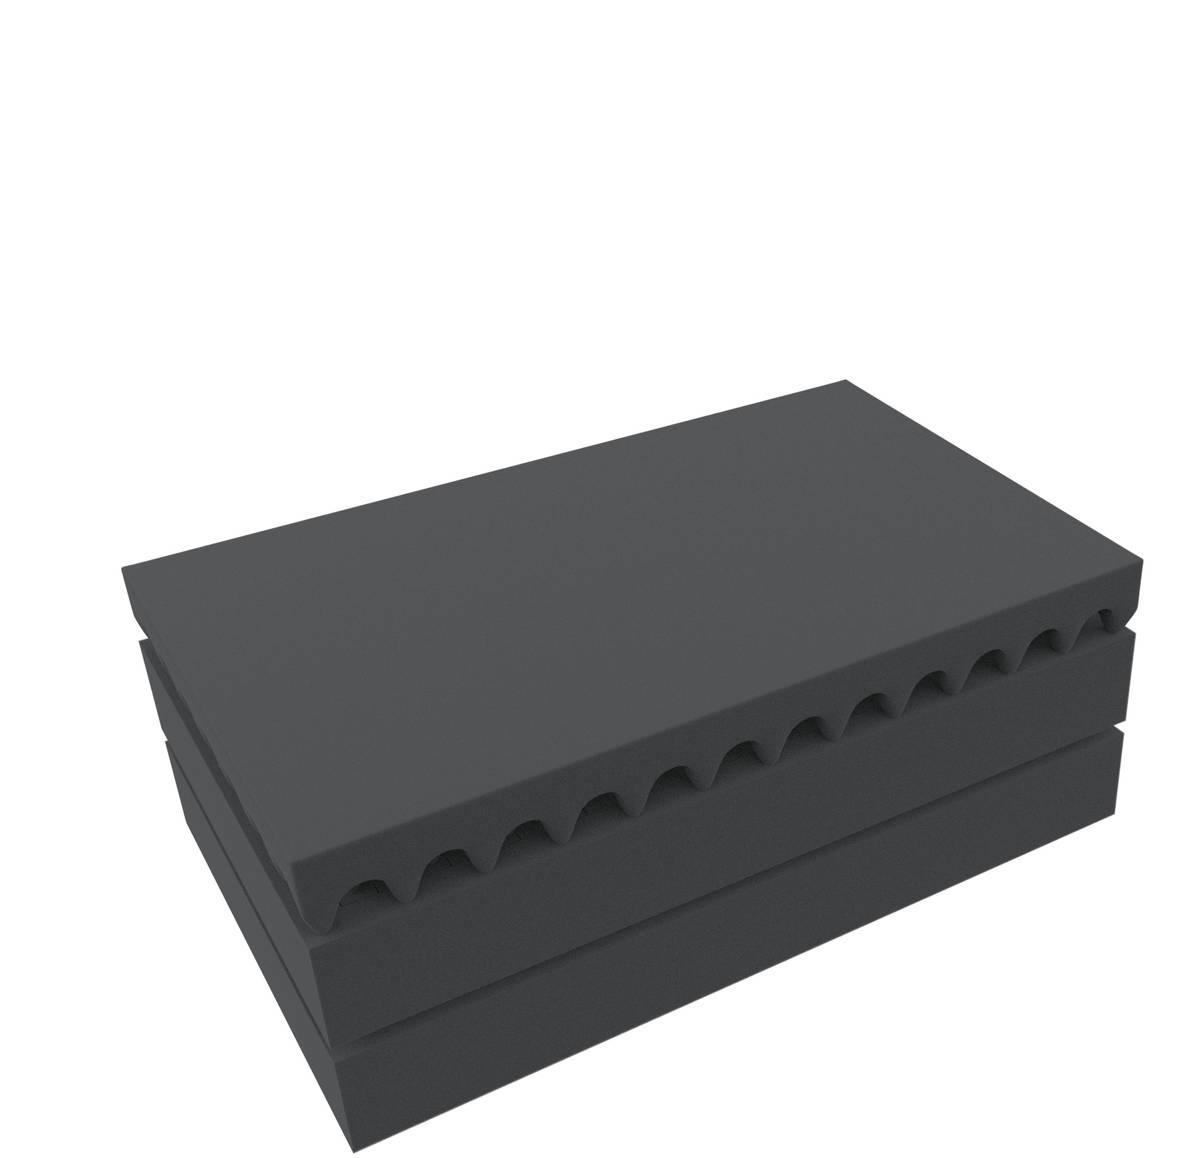 Feldherr Rasterschaumstoff für Auer Packaging Eurobehälter / Euro Box mit Scharnierdeckel / Koffer ED 64/17